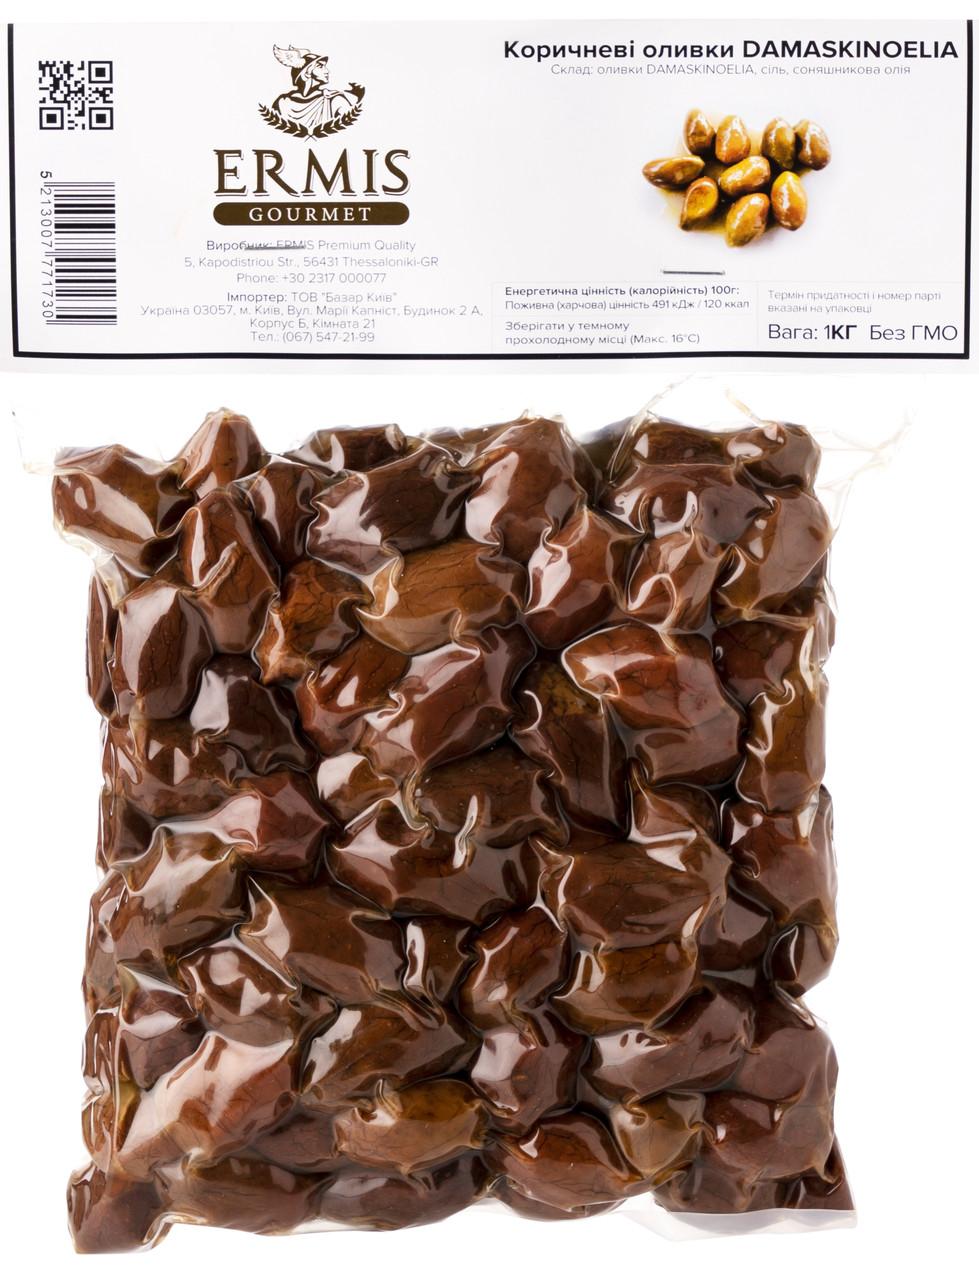 Оливки в'ялені DAMASKINOELIA, 500 грам